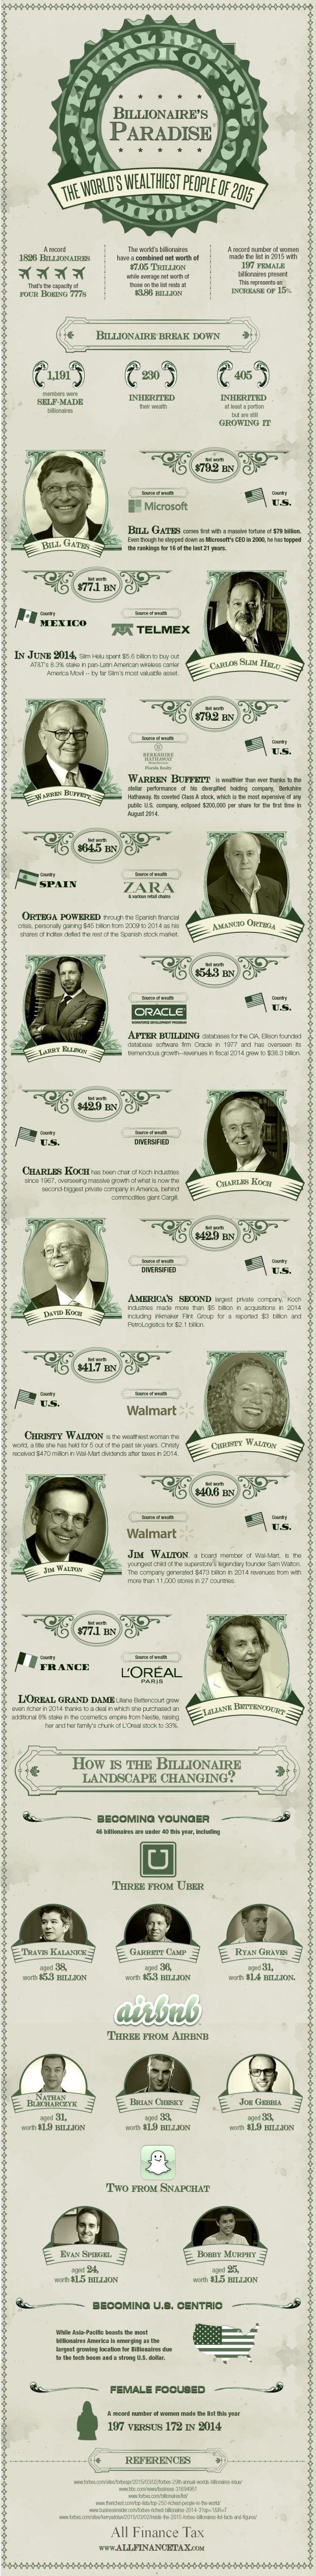 Billionaire2